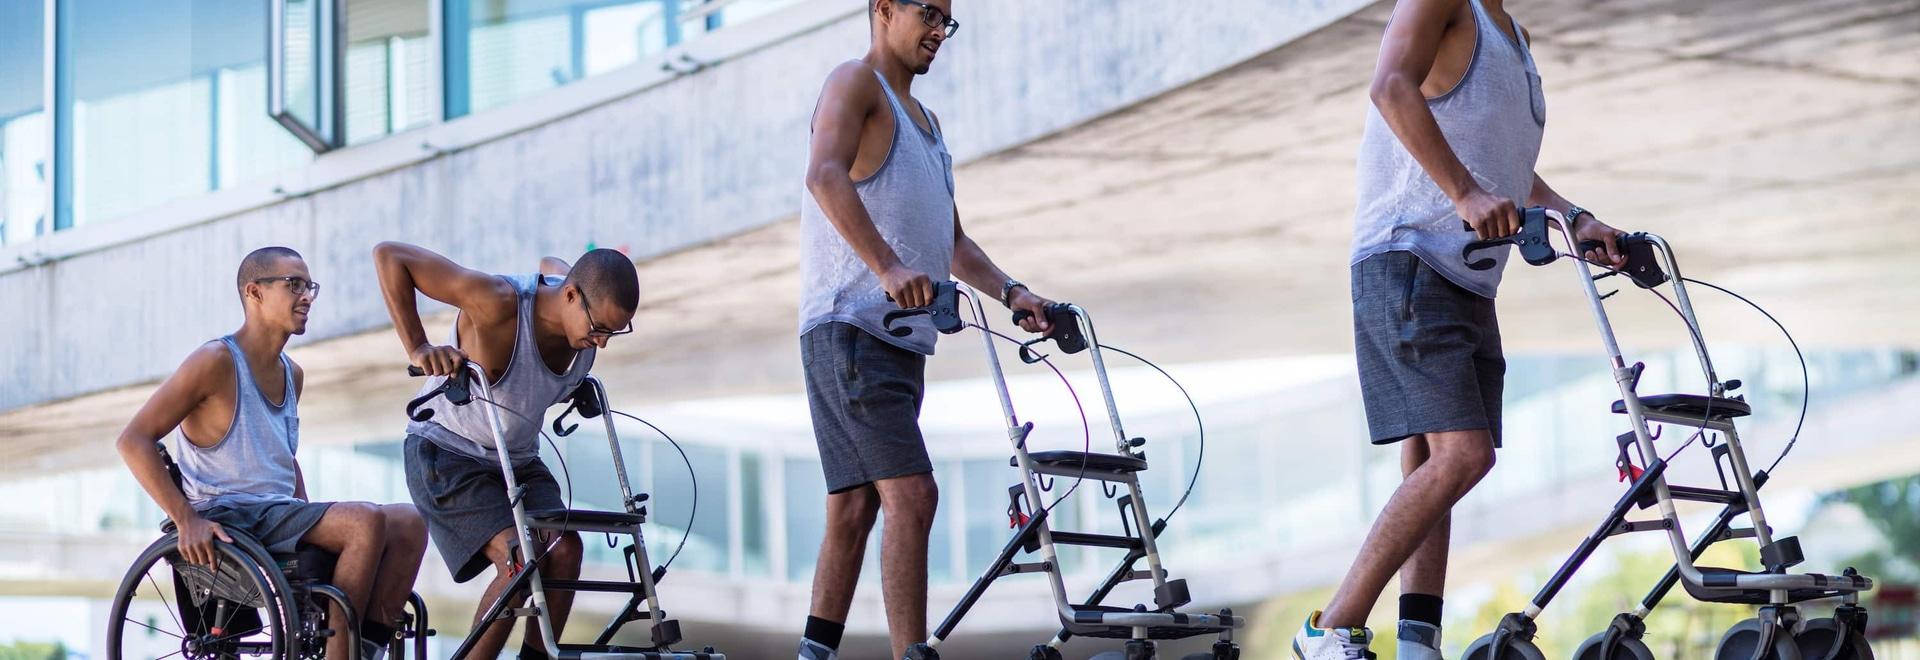 Les personnes paralysées marchent encore, même sans Neurostimulation